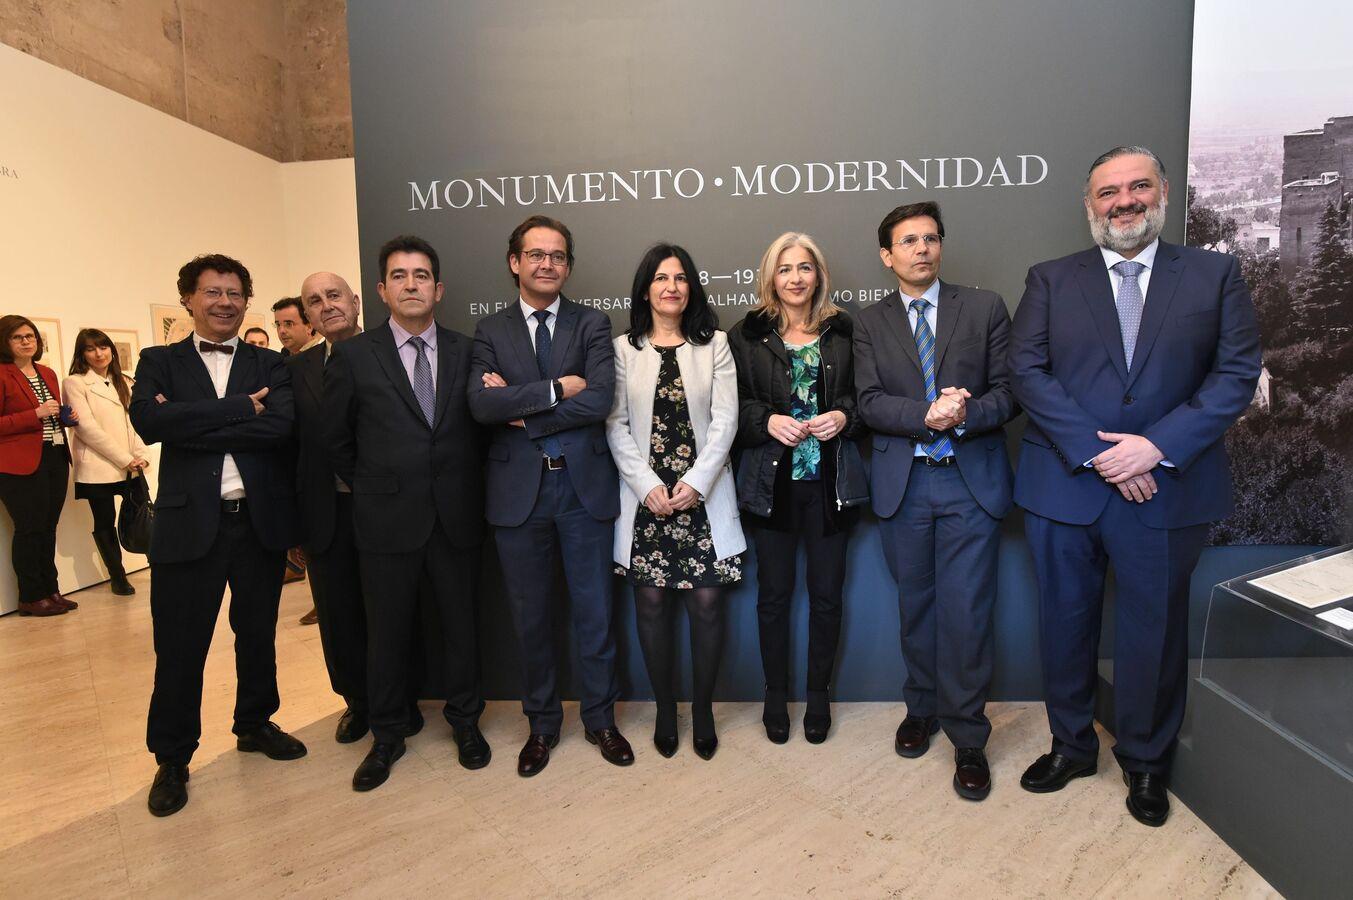 La consejera de Cultura y Patrimonio Histórico inaugura en la Alhambra la exposición  'Monumento y Modernidad' en el 150 aniversario de su declaración como bien cultural